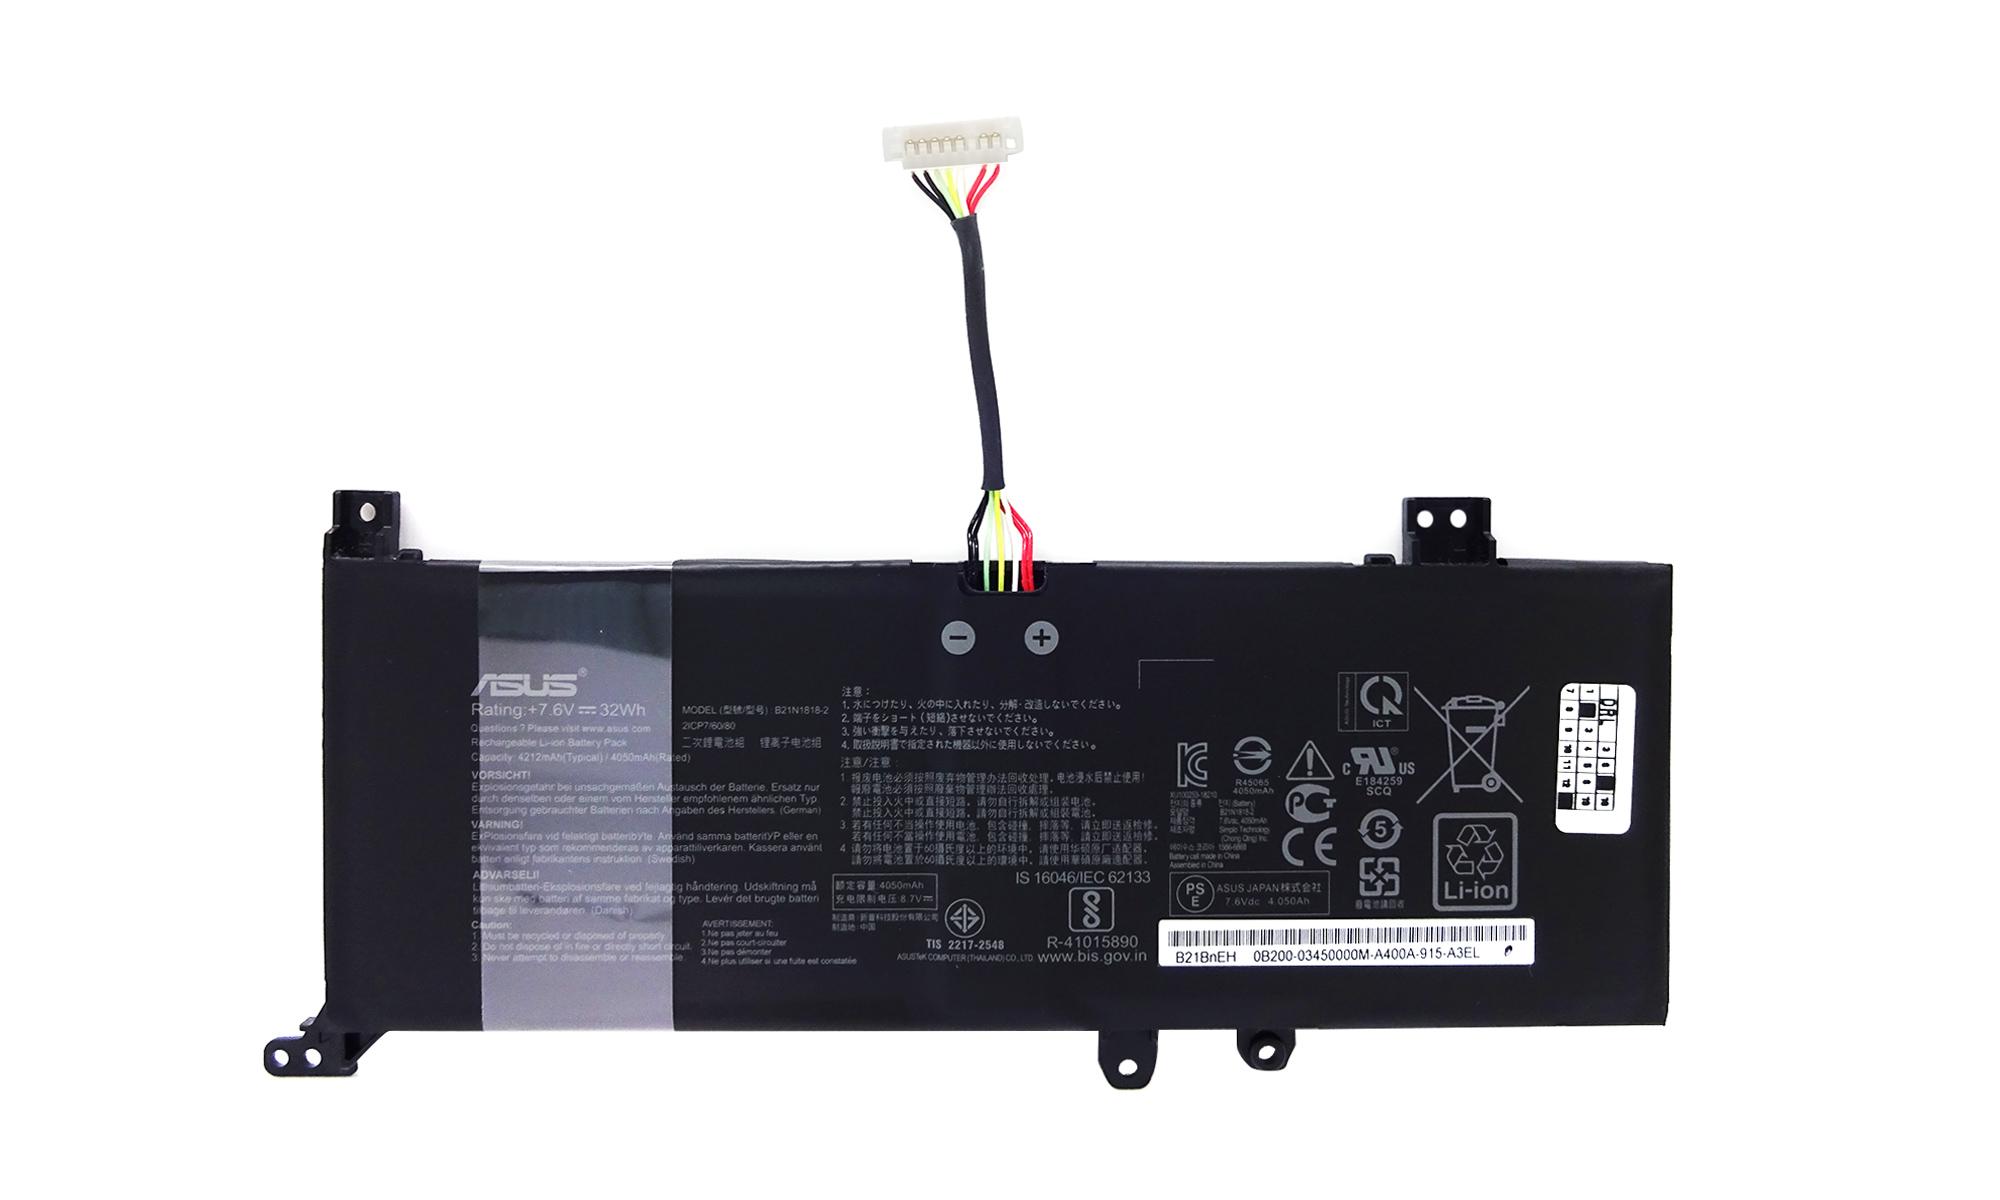 Baterie originala laptop ASUS X509BA, X509DA, X509FA, X509FB, X509FJ, X509FL, X509UA, X509UB, X509UJ, X545FA, X545FB, X545FJ, model B21N1818-2